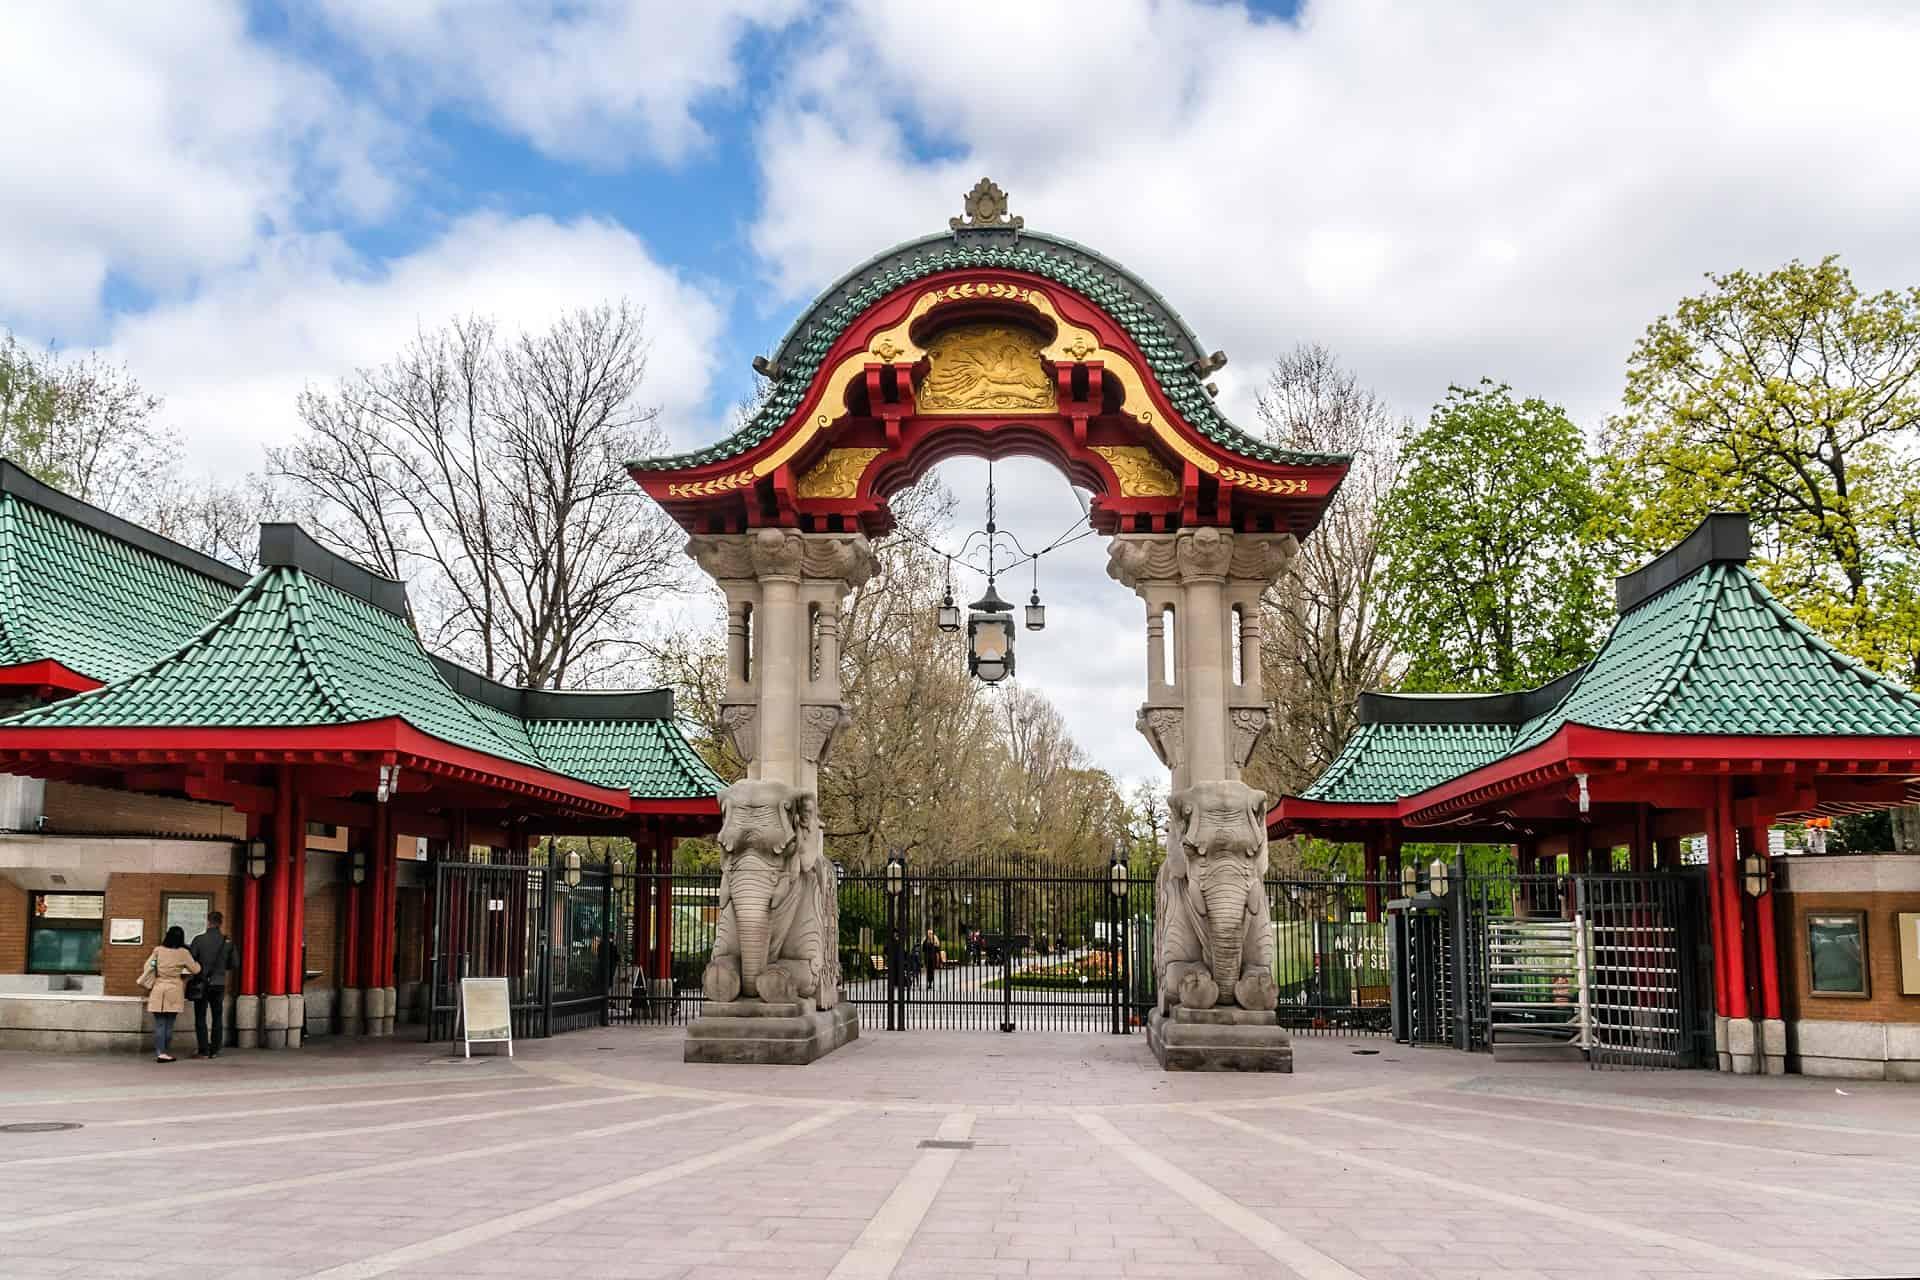 visiter zoo de berlin